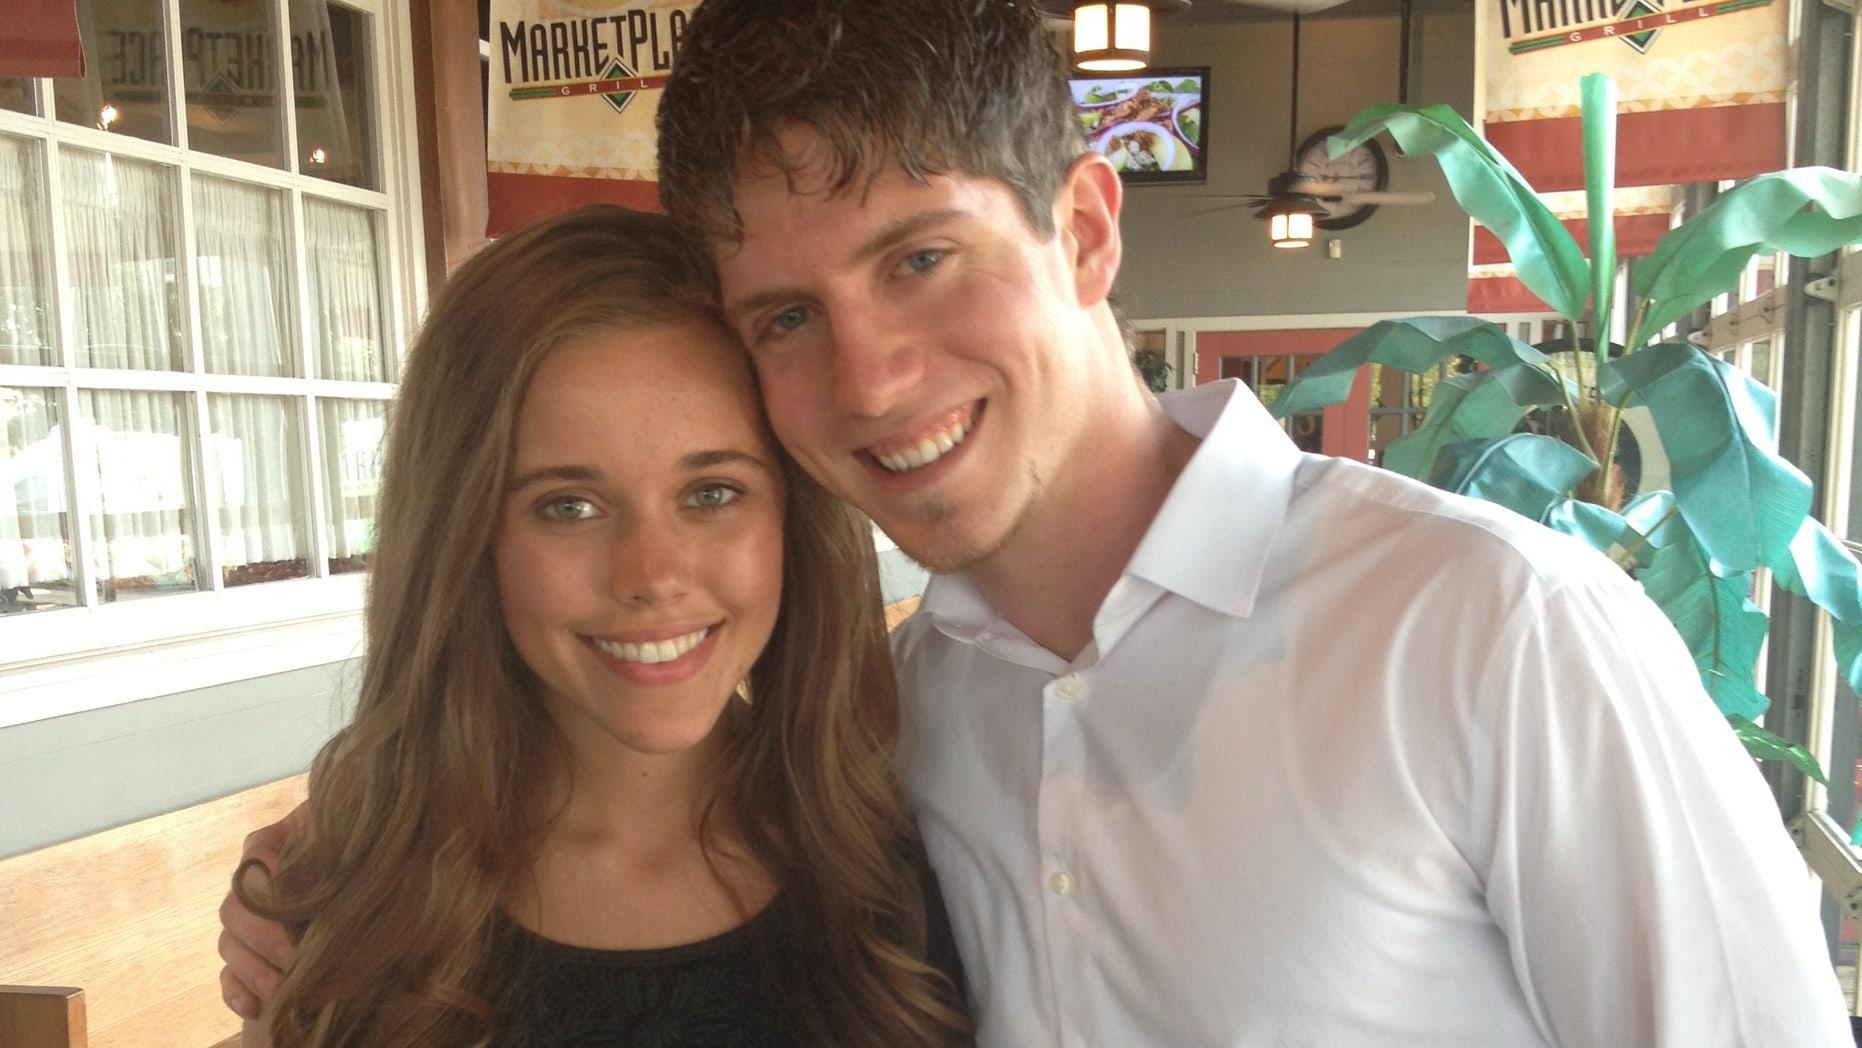 Jessa Duggar and her boyfriend Ben Seewald are shown.